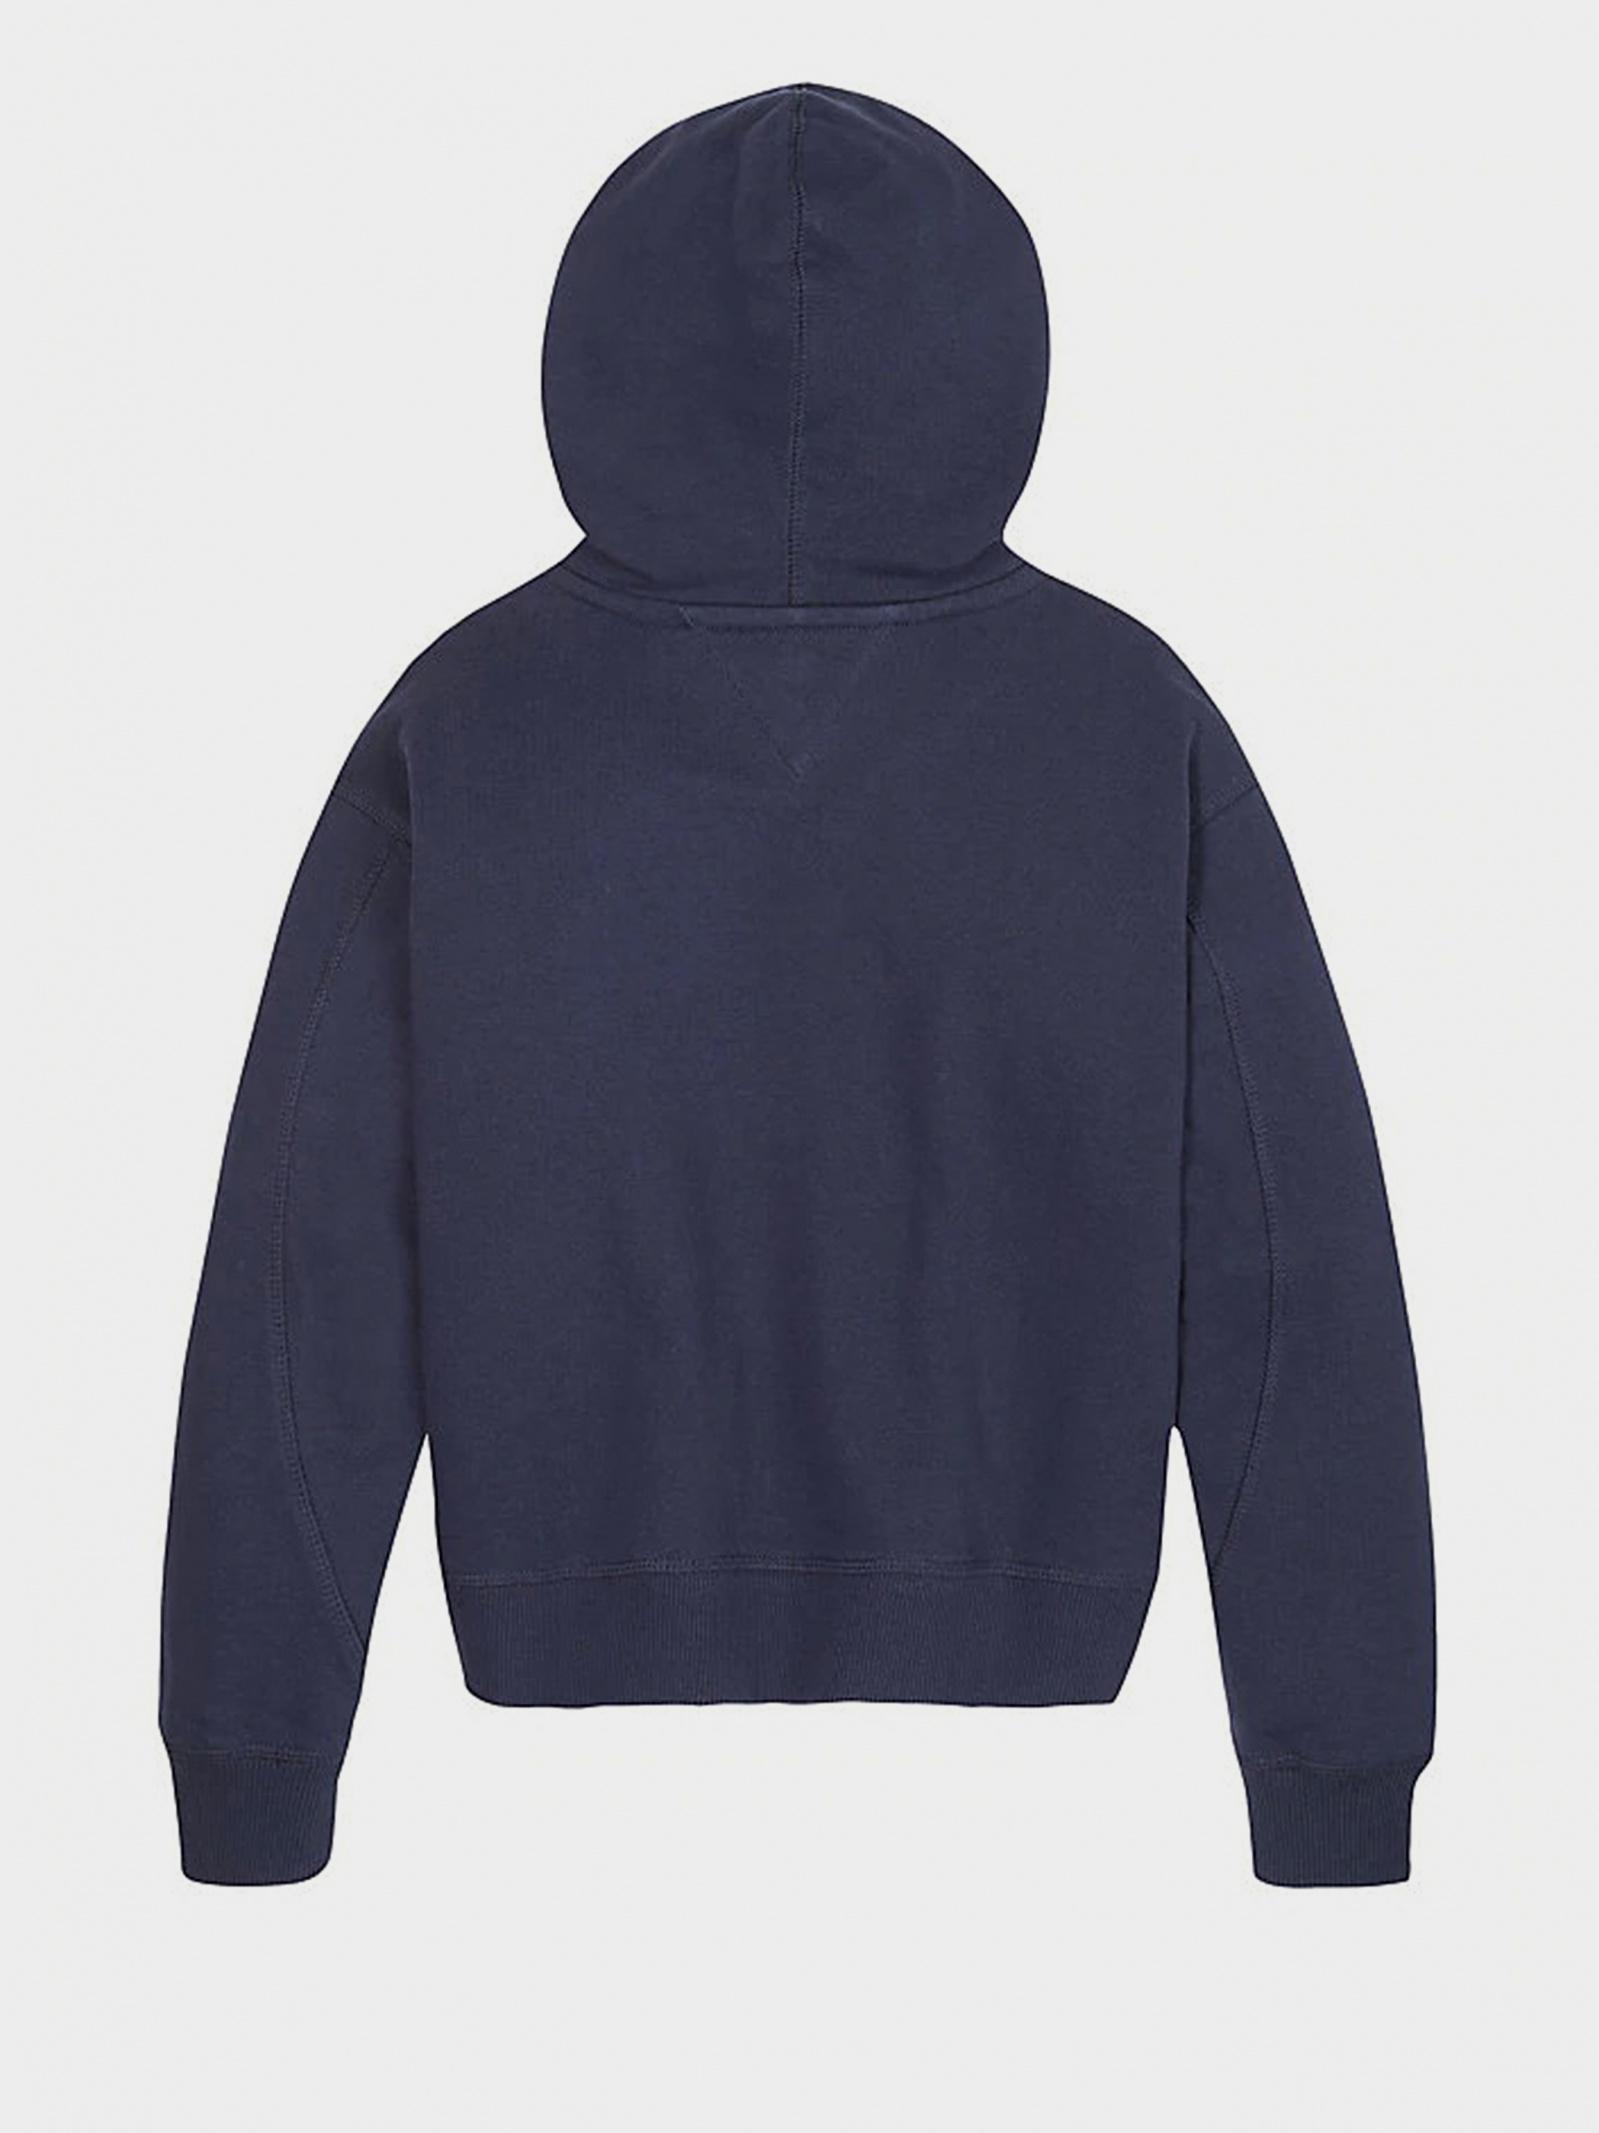 Кофты и свитера детские Tommy Hilfiger модель KG0KG05042-C87 цена, 2017